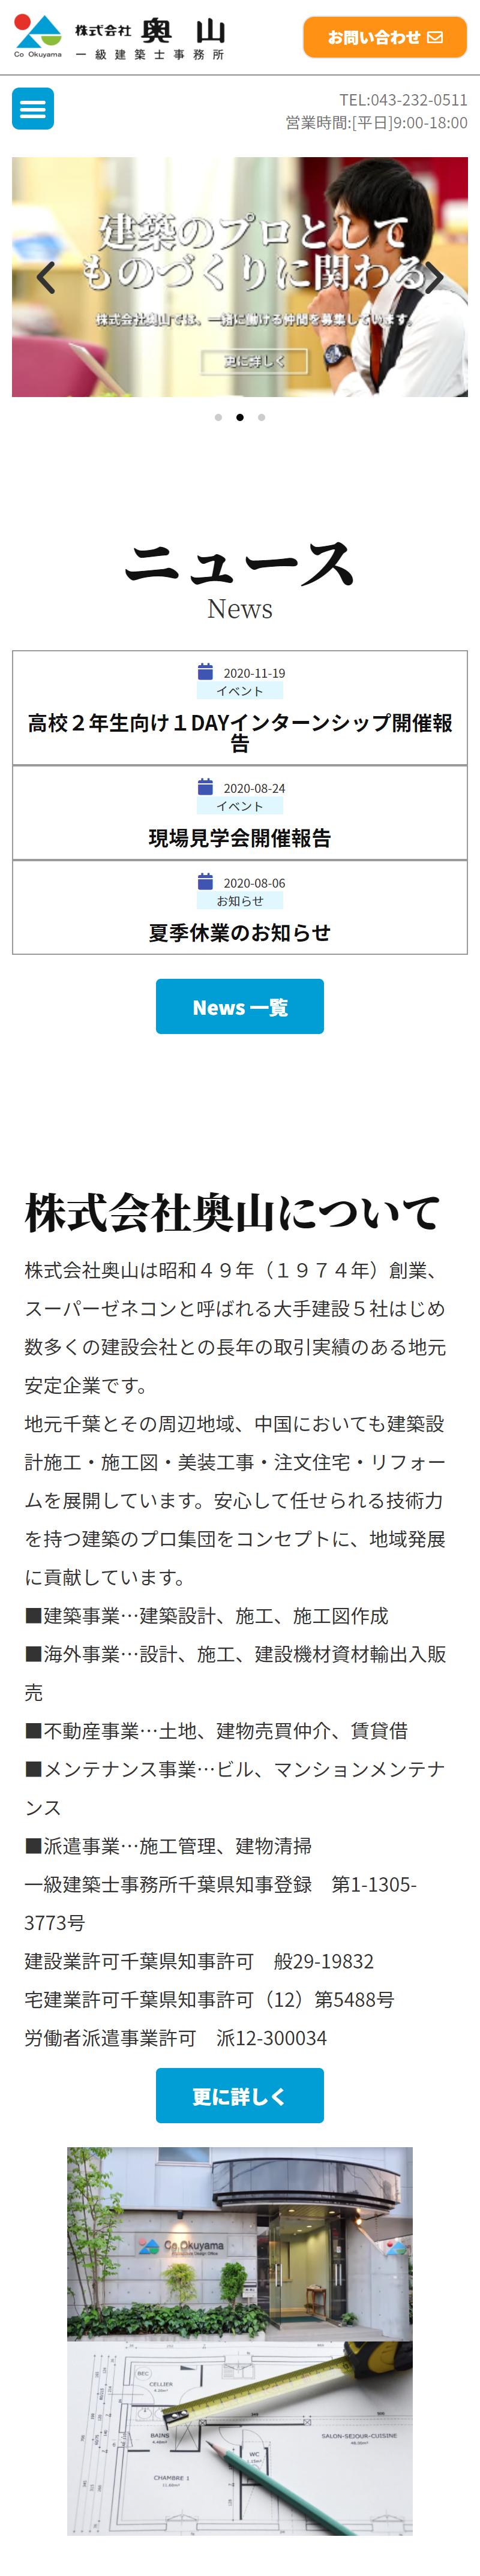 株式会社奥山